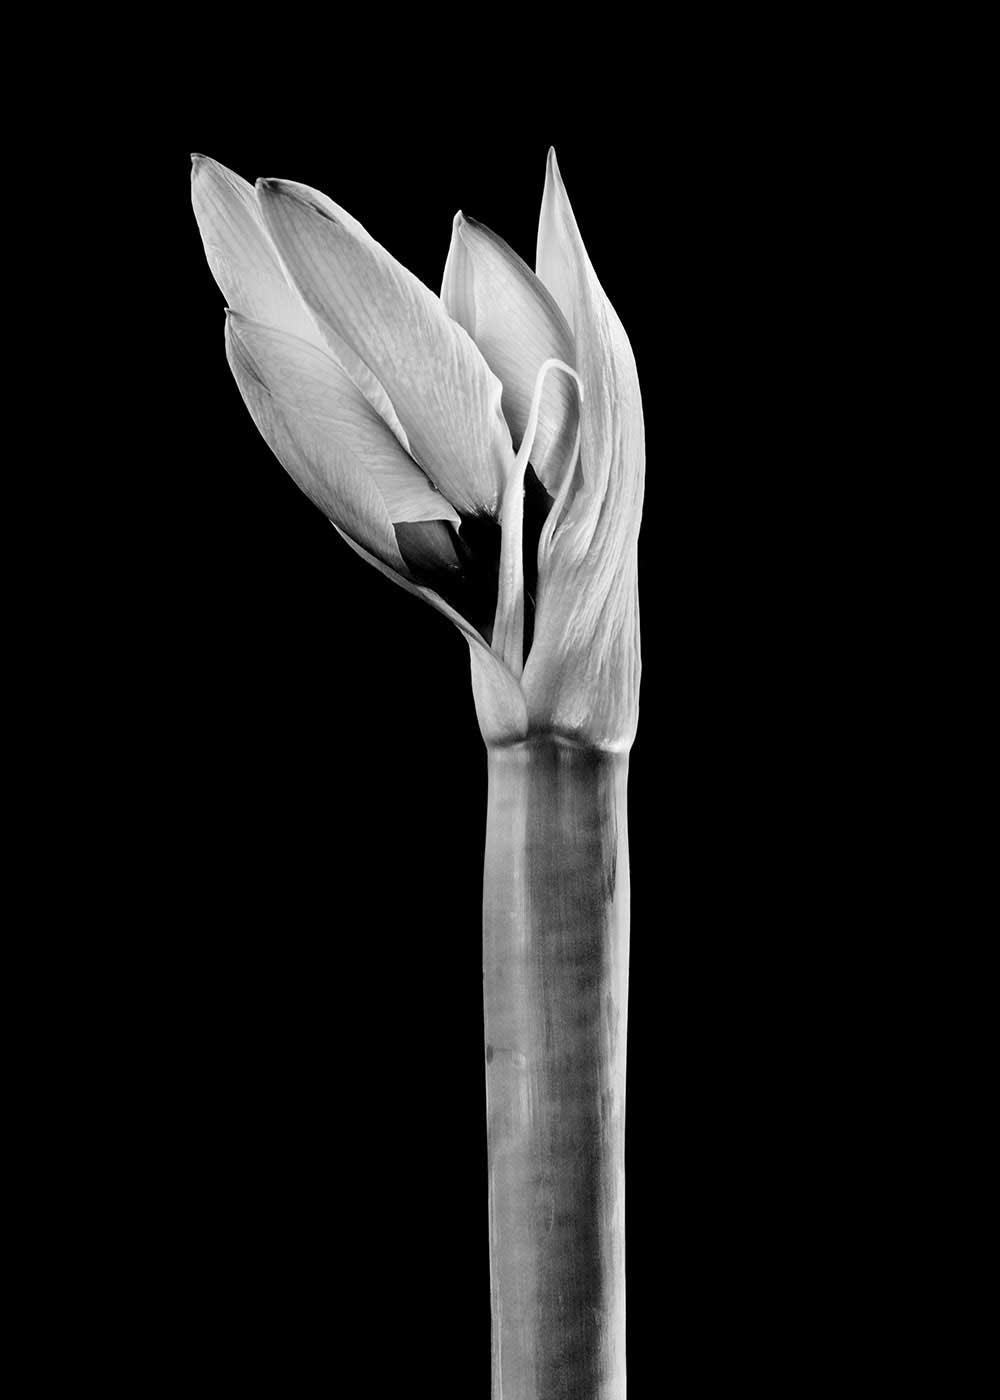 guillaume_dhubert_herbarium_012